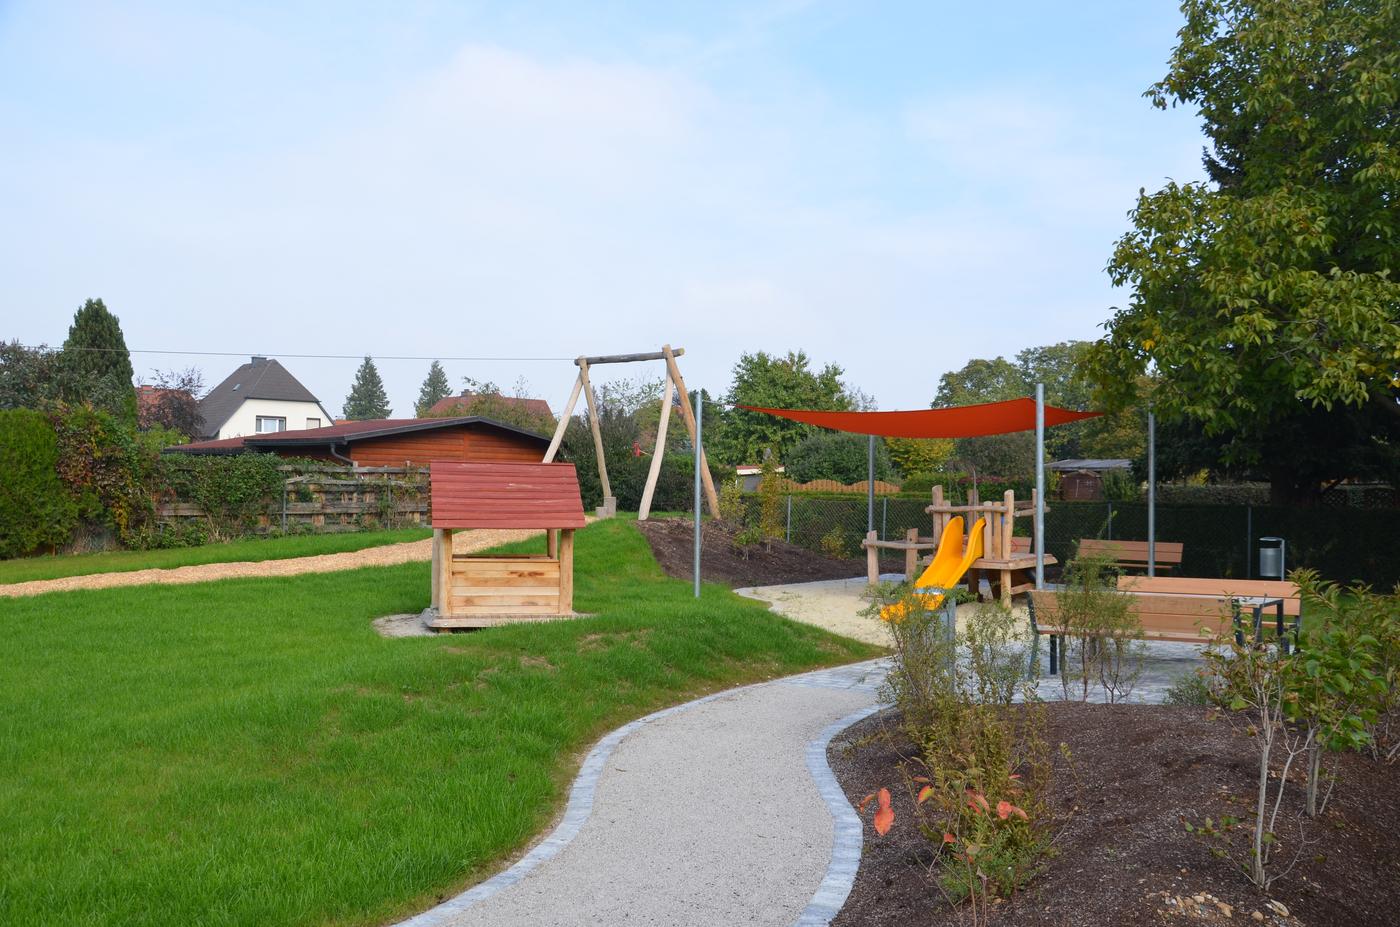 Spielplatz mit gelber Rutsche und einem gepflasterten Weg